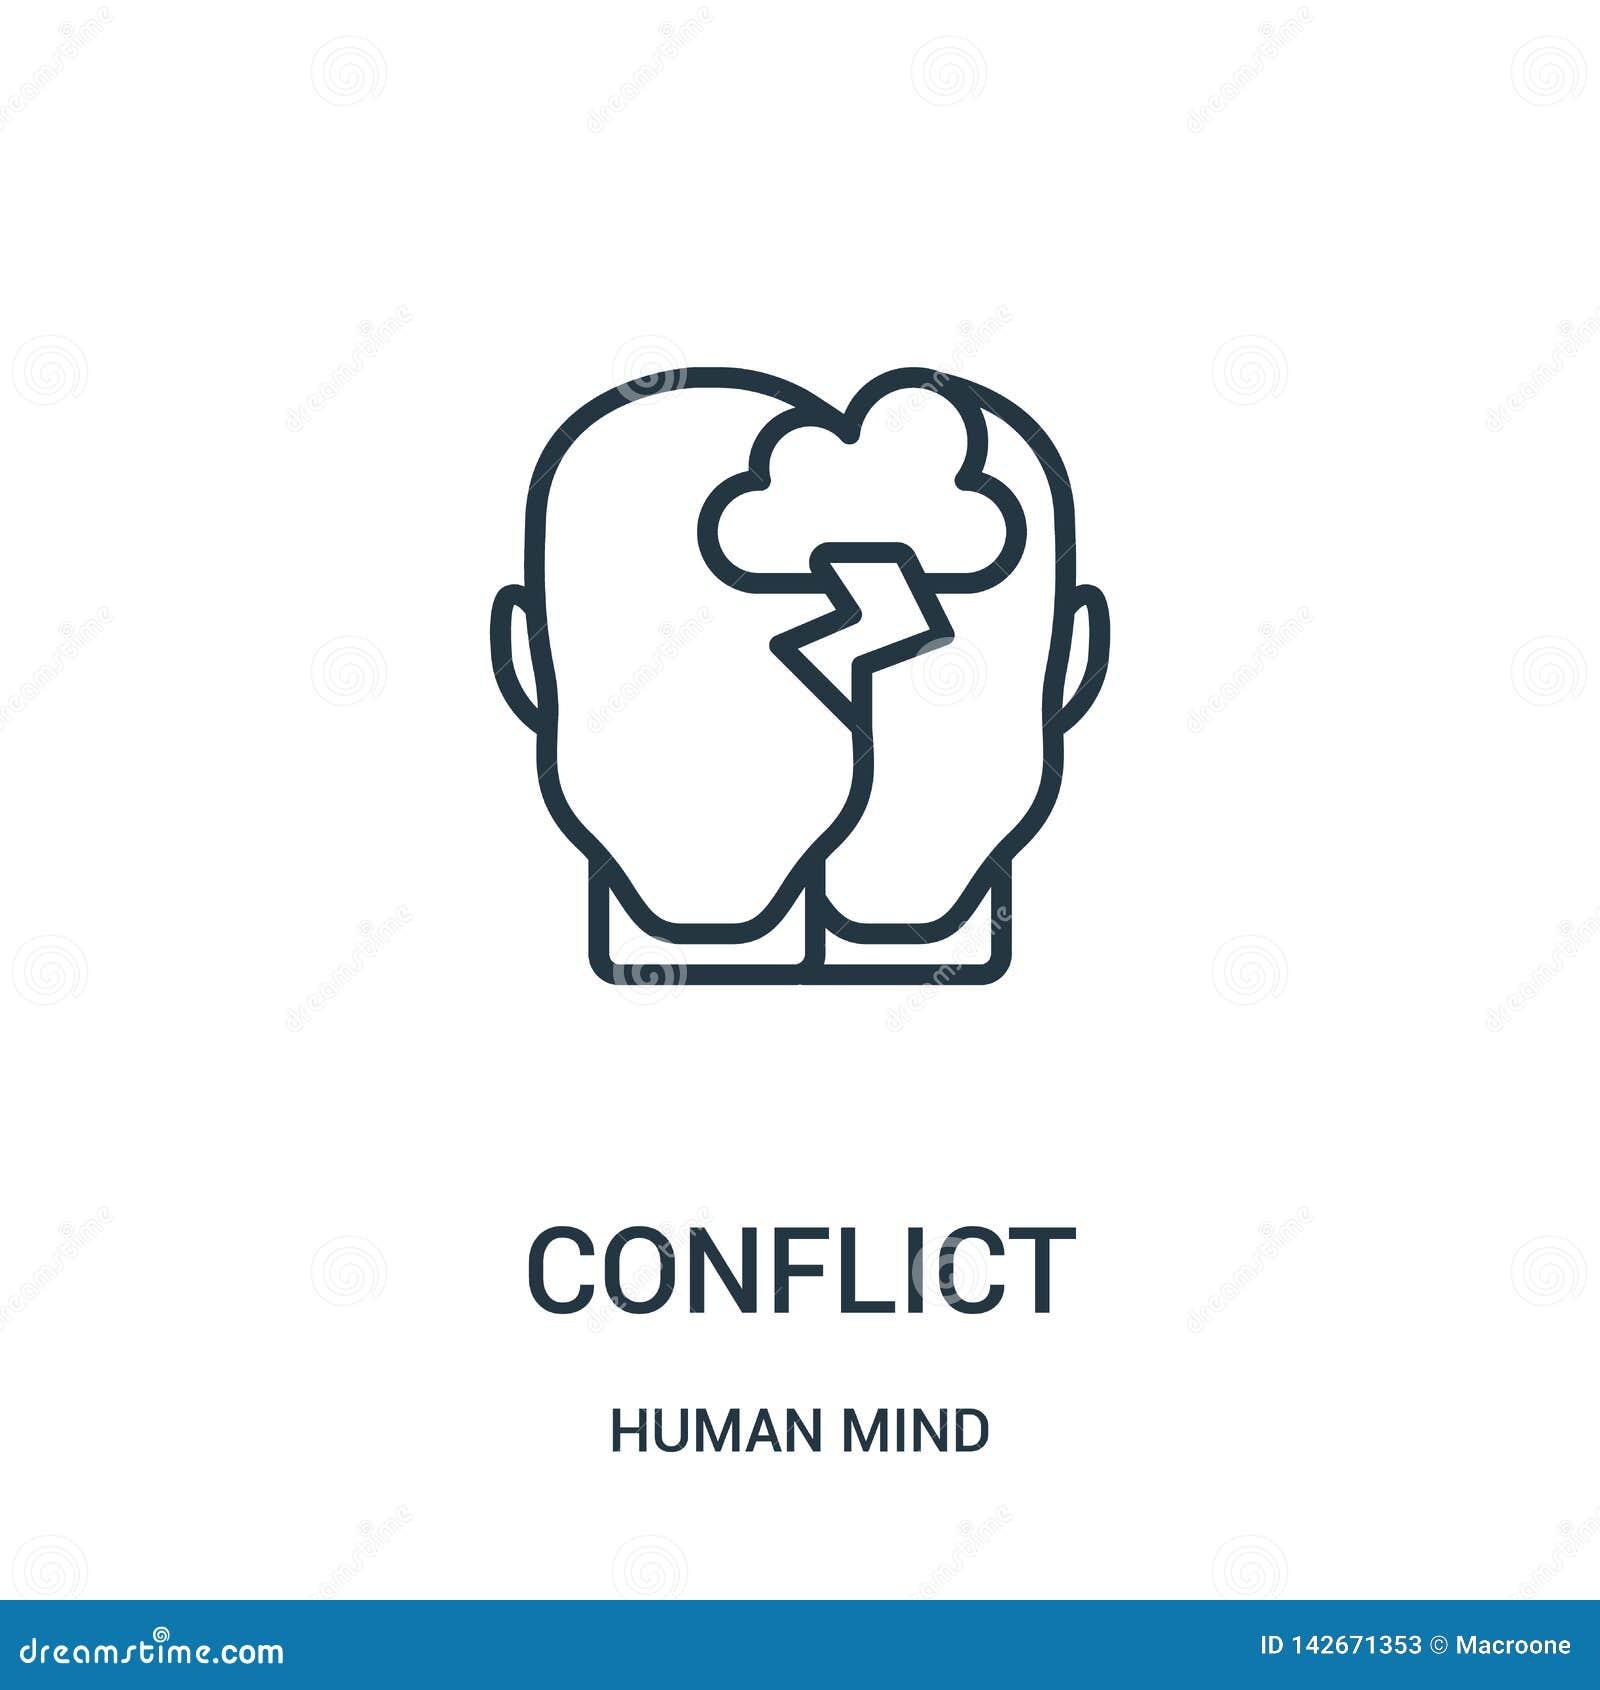 διάνυσμα εικονιδίων σύγκρουσης από την ανθρώπινη συλλογή μυαλού Λεπτή διανυσματική απεικόνιση εικονιδίων περιλήψεων σύγκρουσης γρ